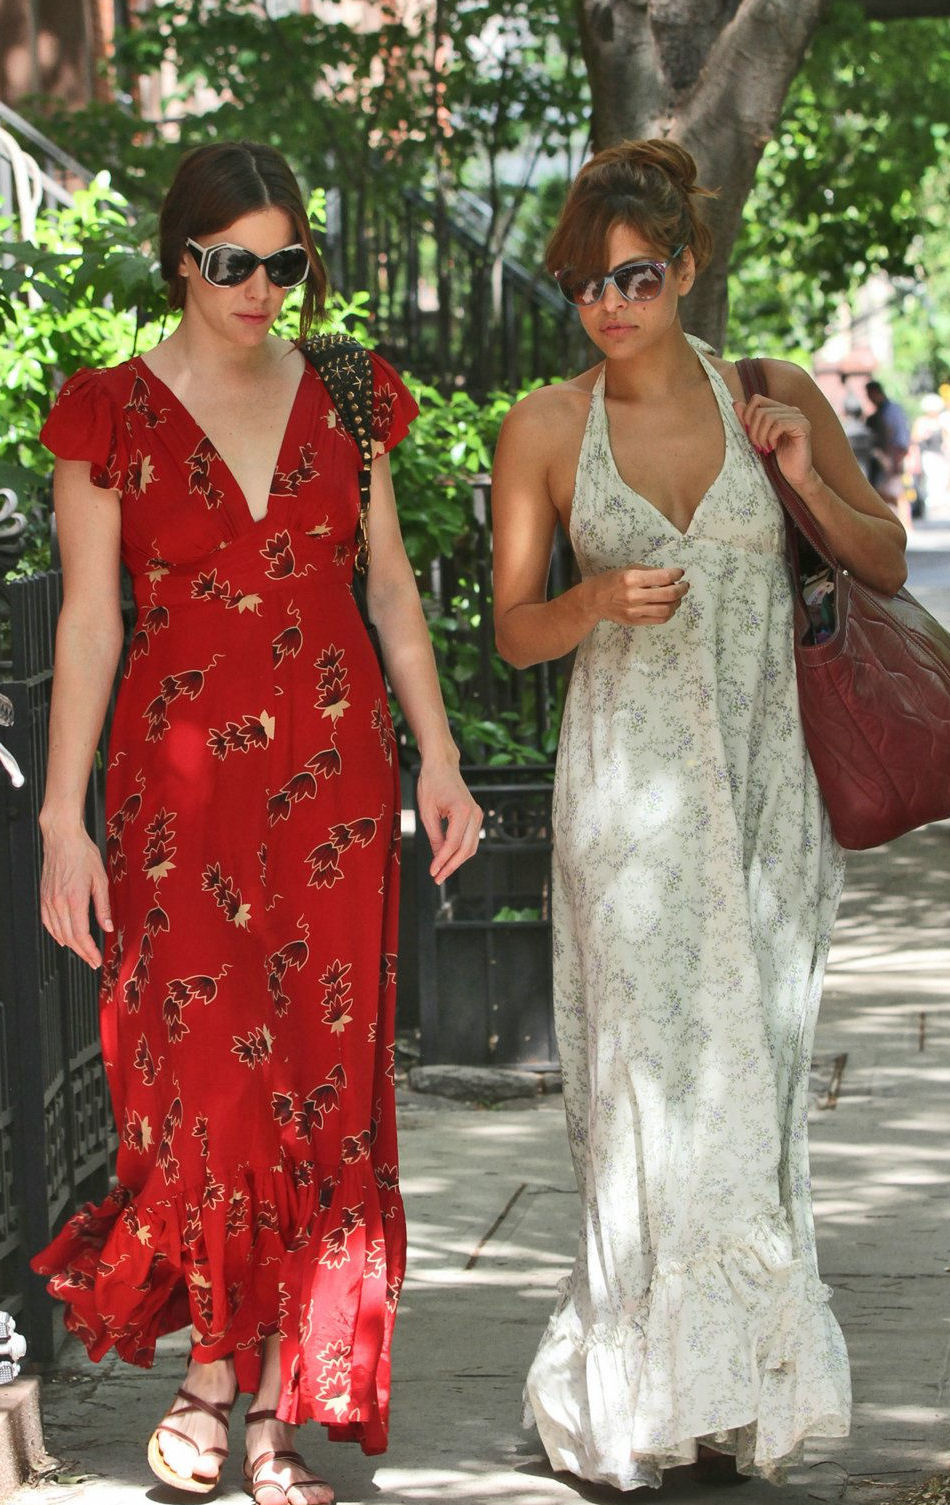 фото трансвеститов в платьях